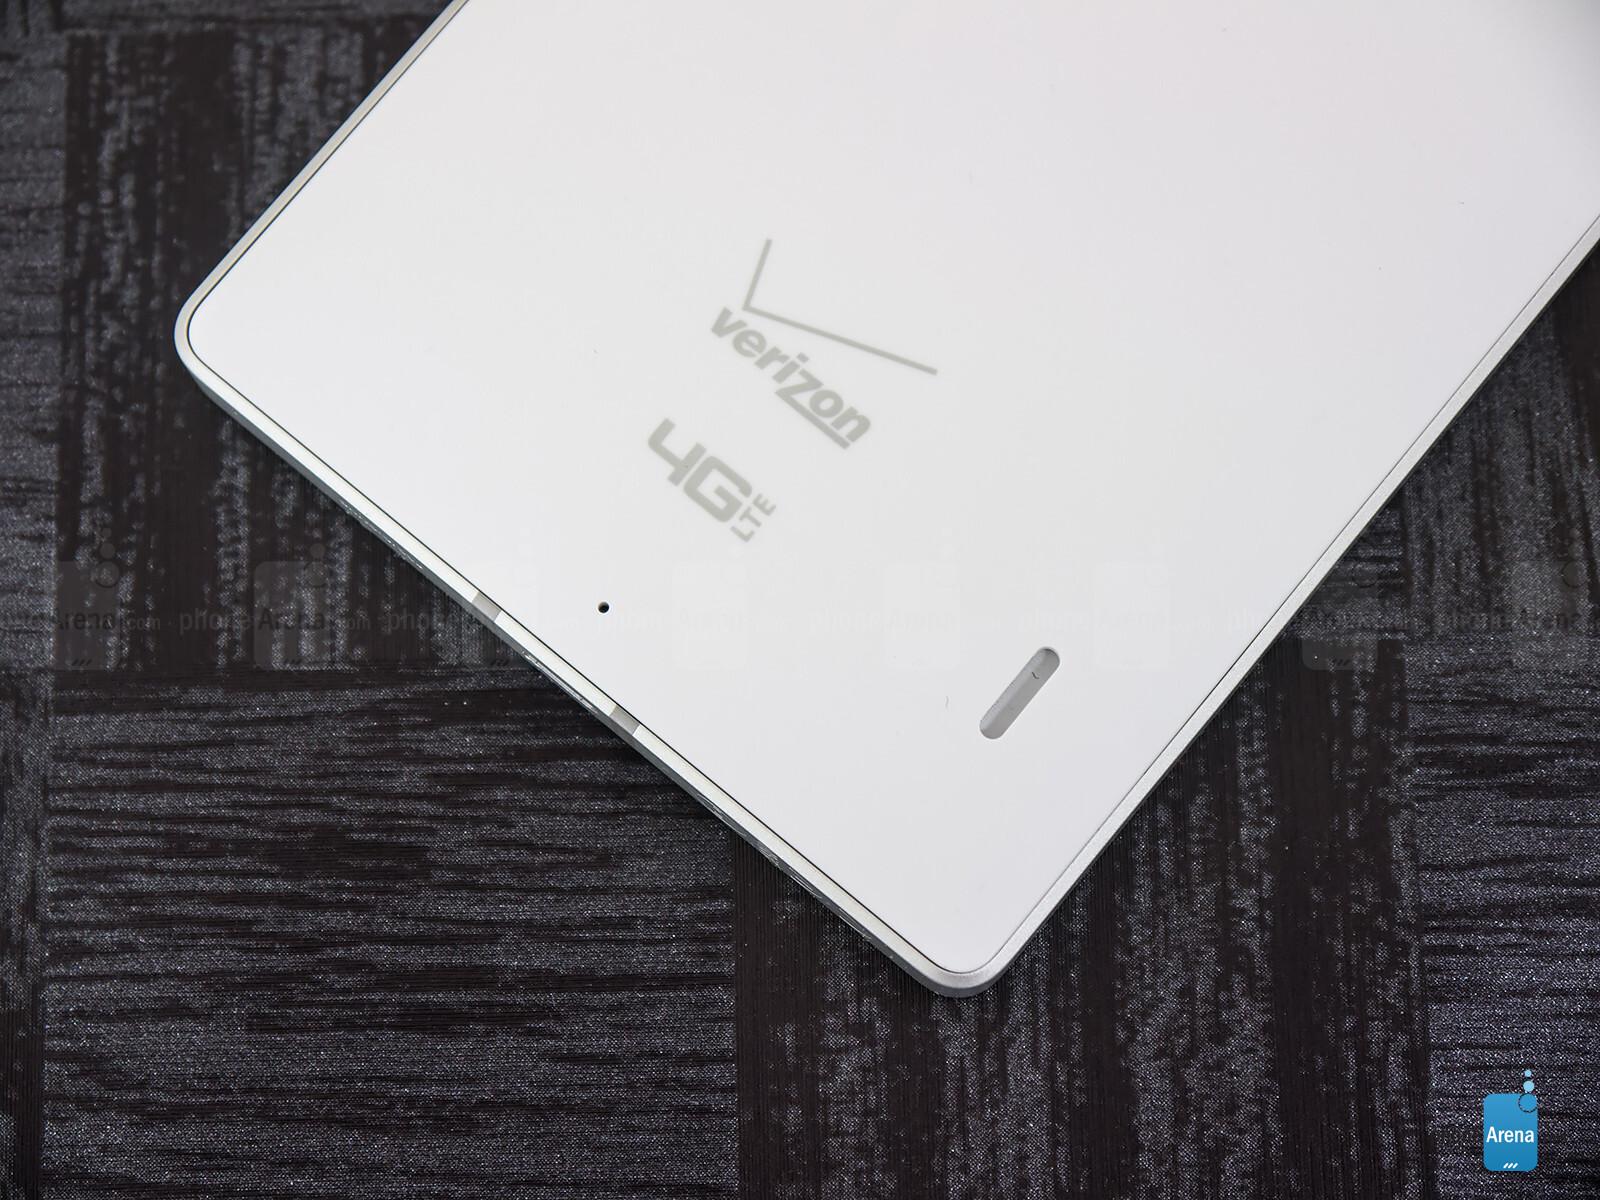 Sforum - Trang thông tin công nghệ mới nhất Nokia-Lumia-Icon-Review-009 Mở hộp Lumia Icon phiên bản nhà mạng Verizon